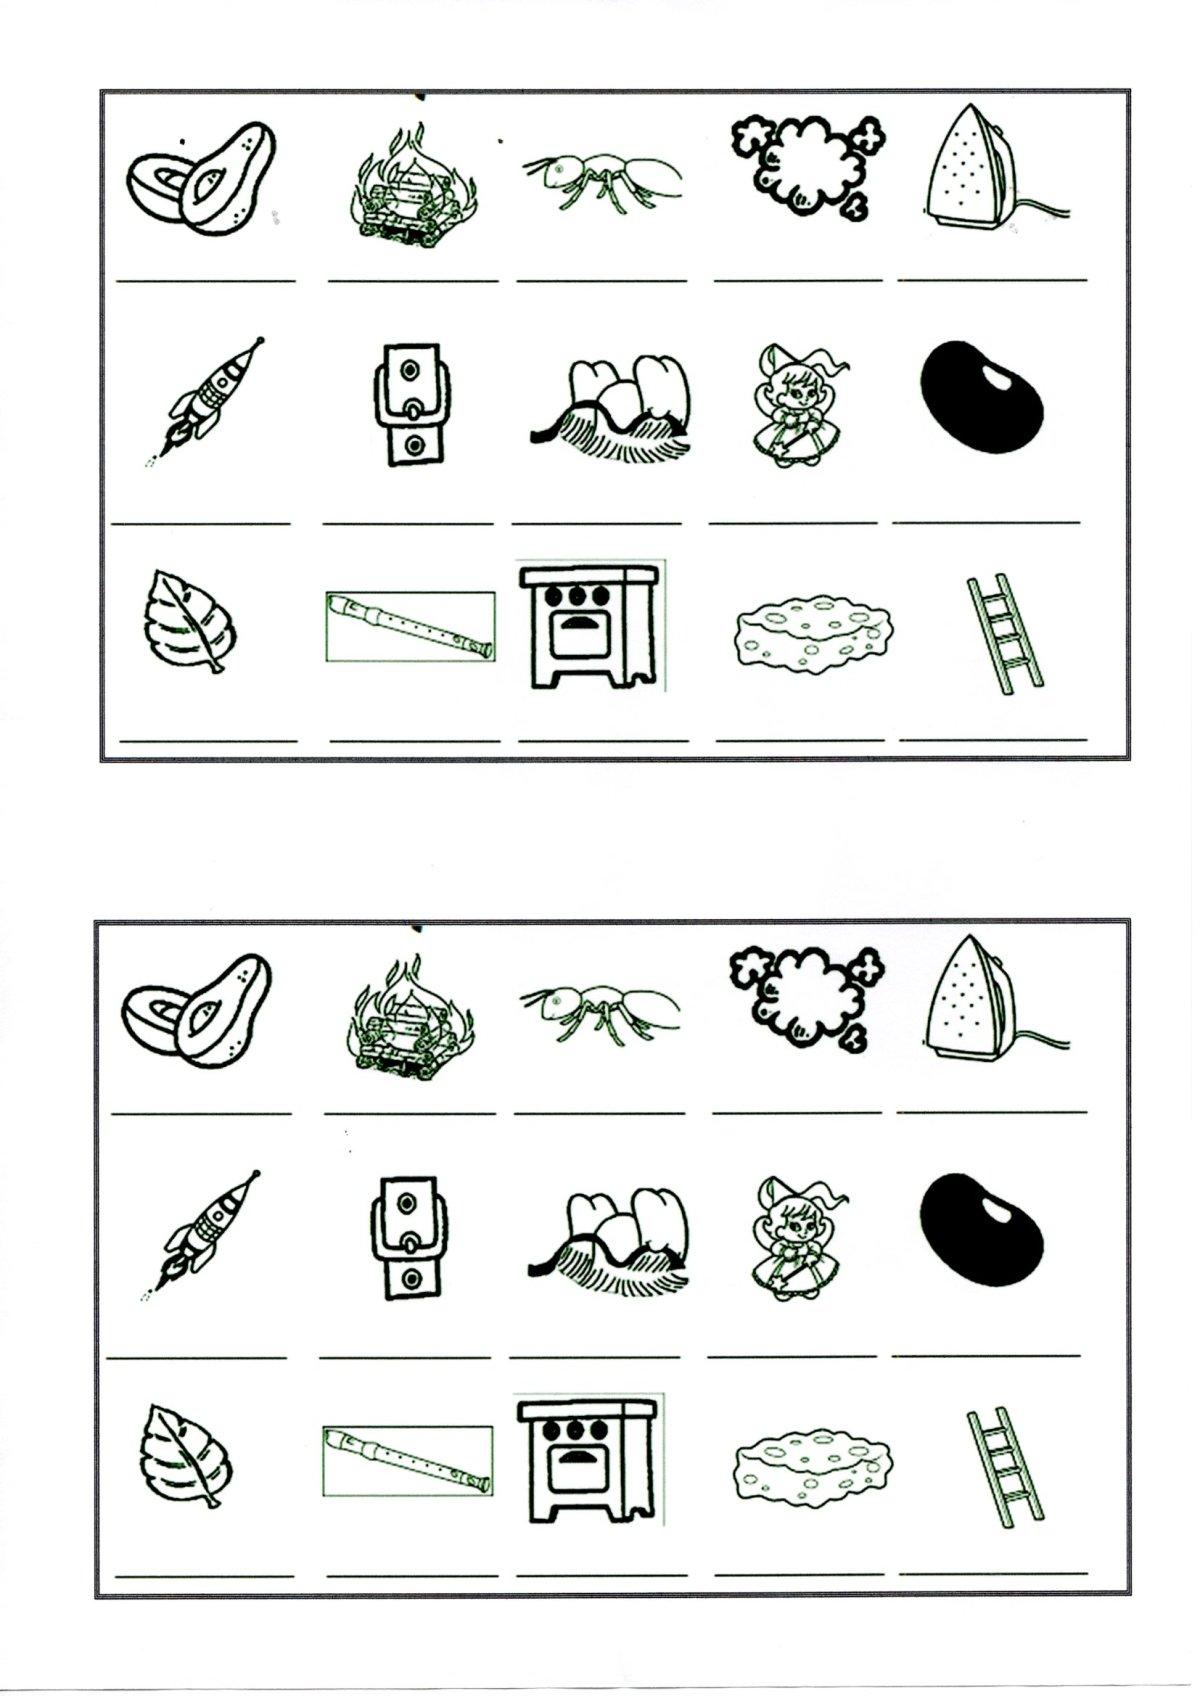 Autoditado-Escreva os nomes das diversas figuras